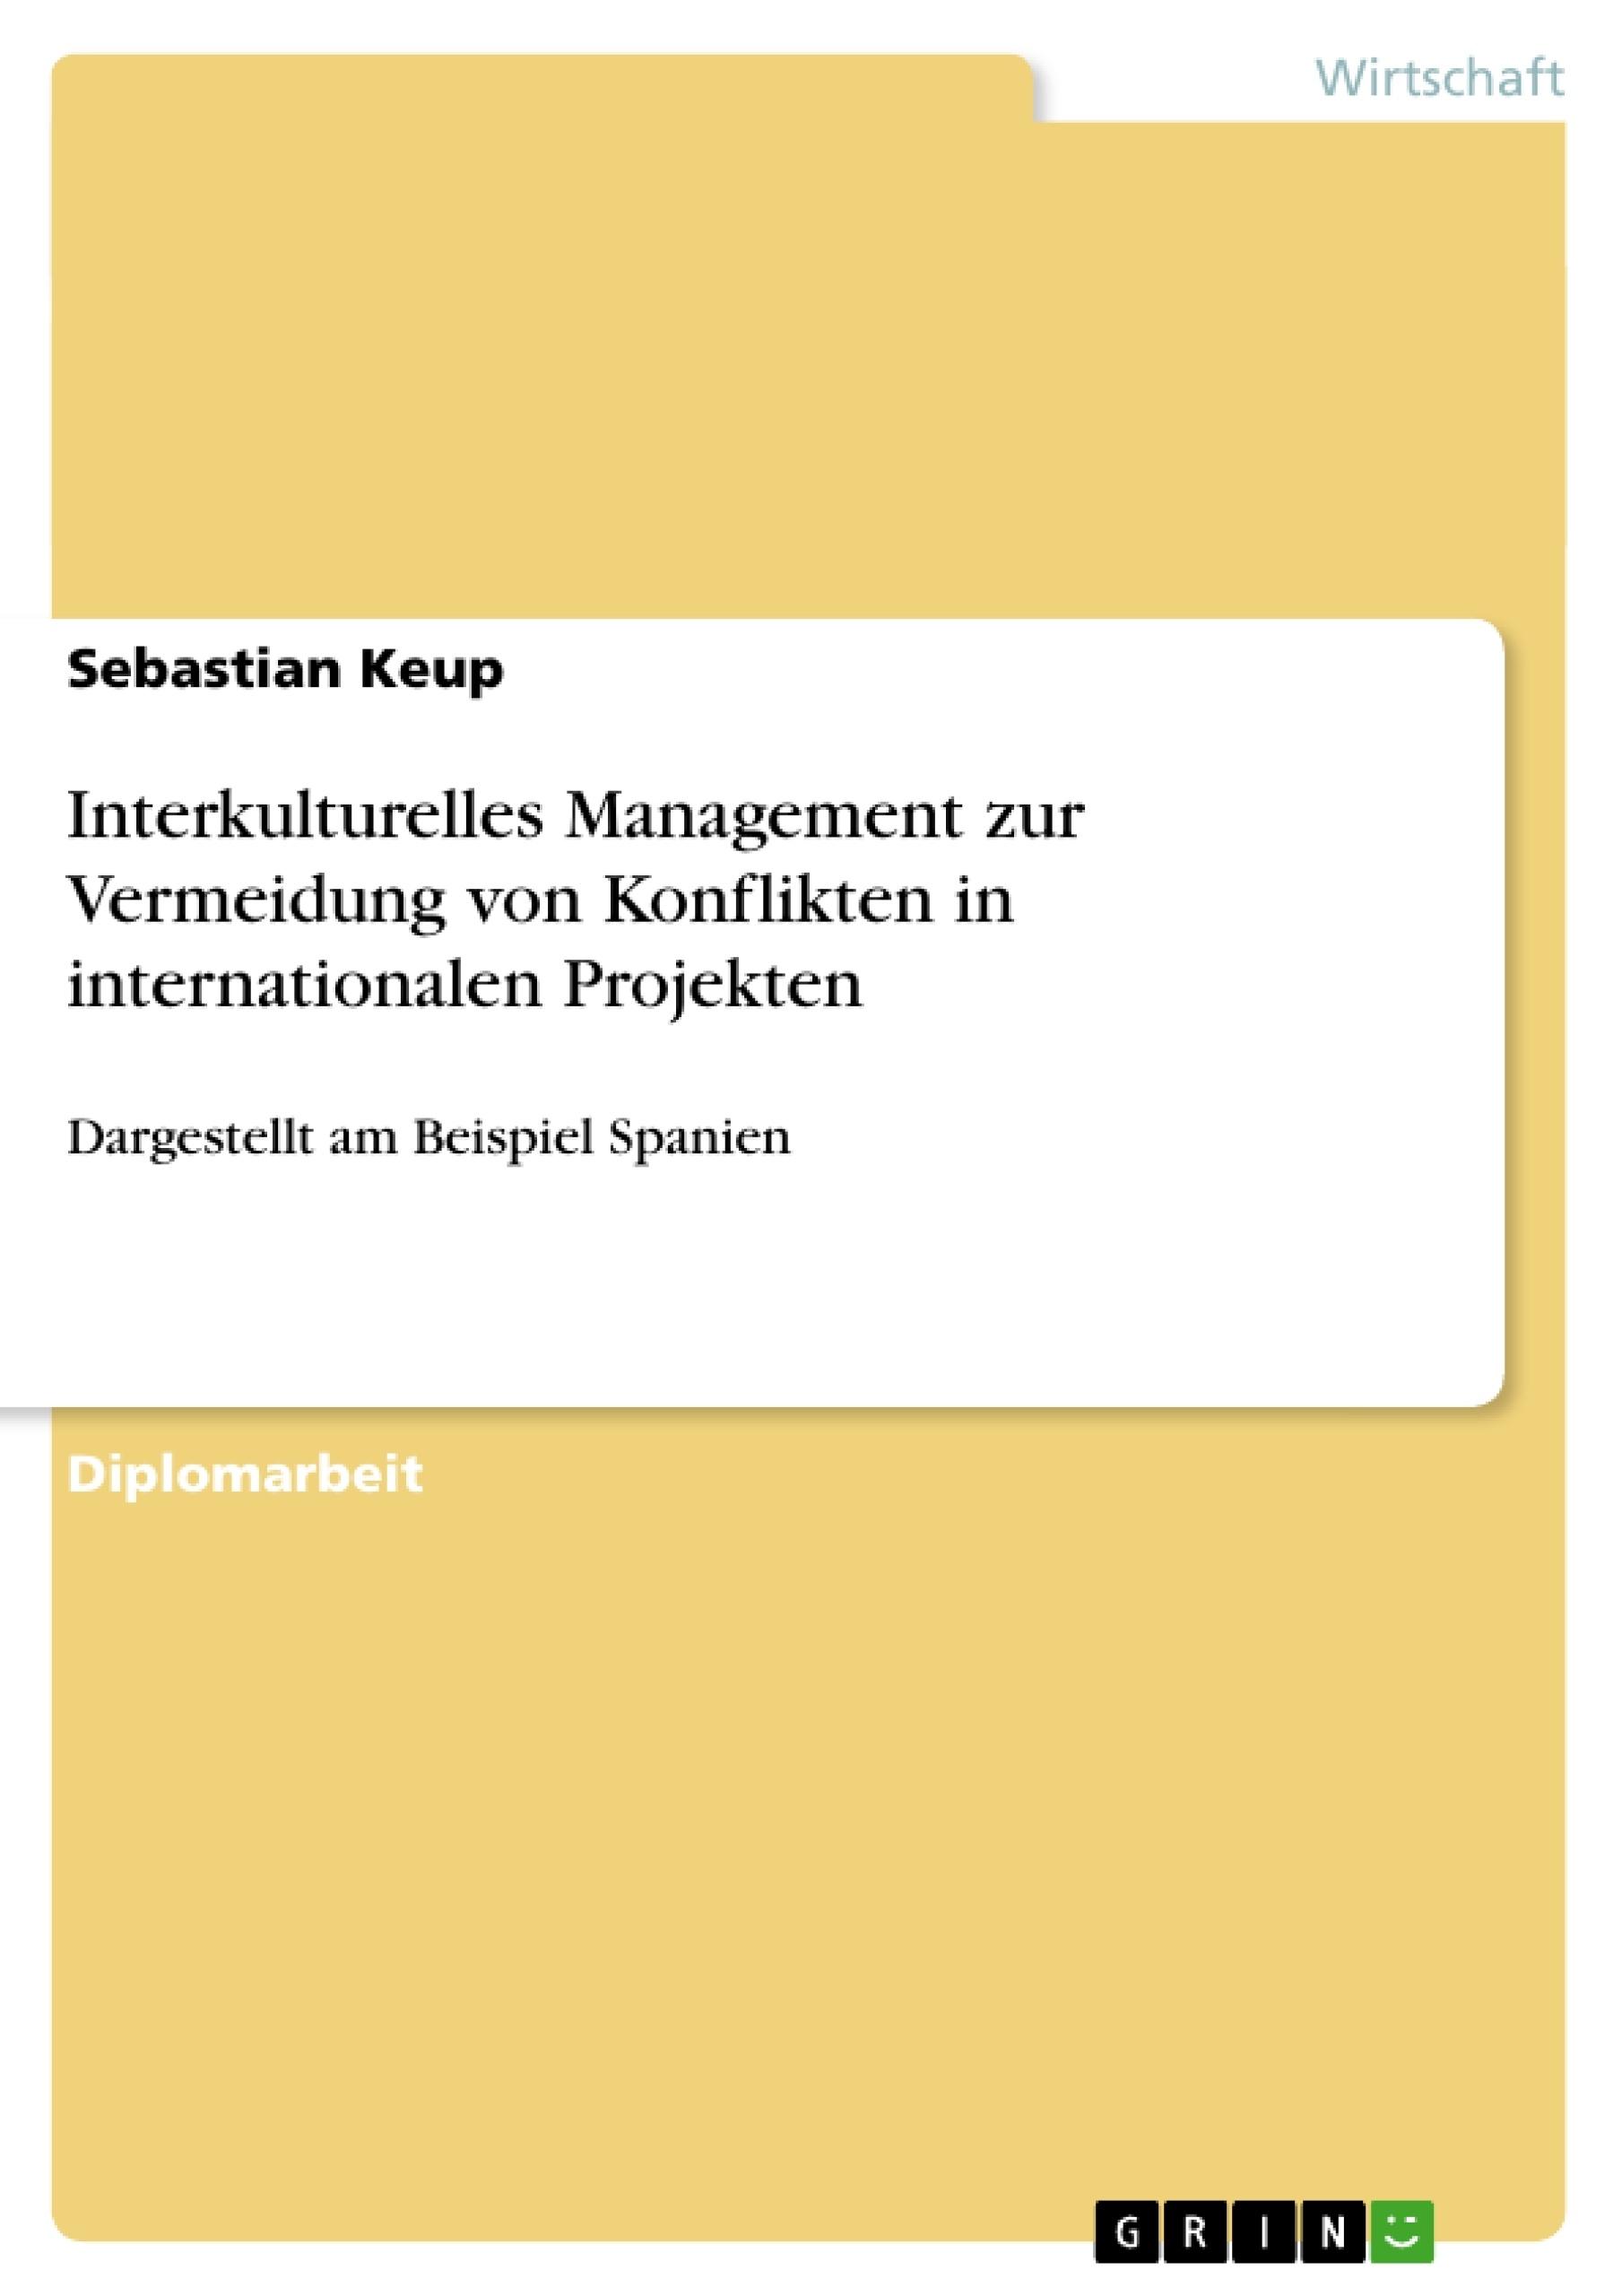 Titel: Interkulturelles Management zur Vermeidung von Konflikten in internationalen Projekten